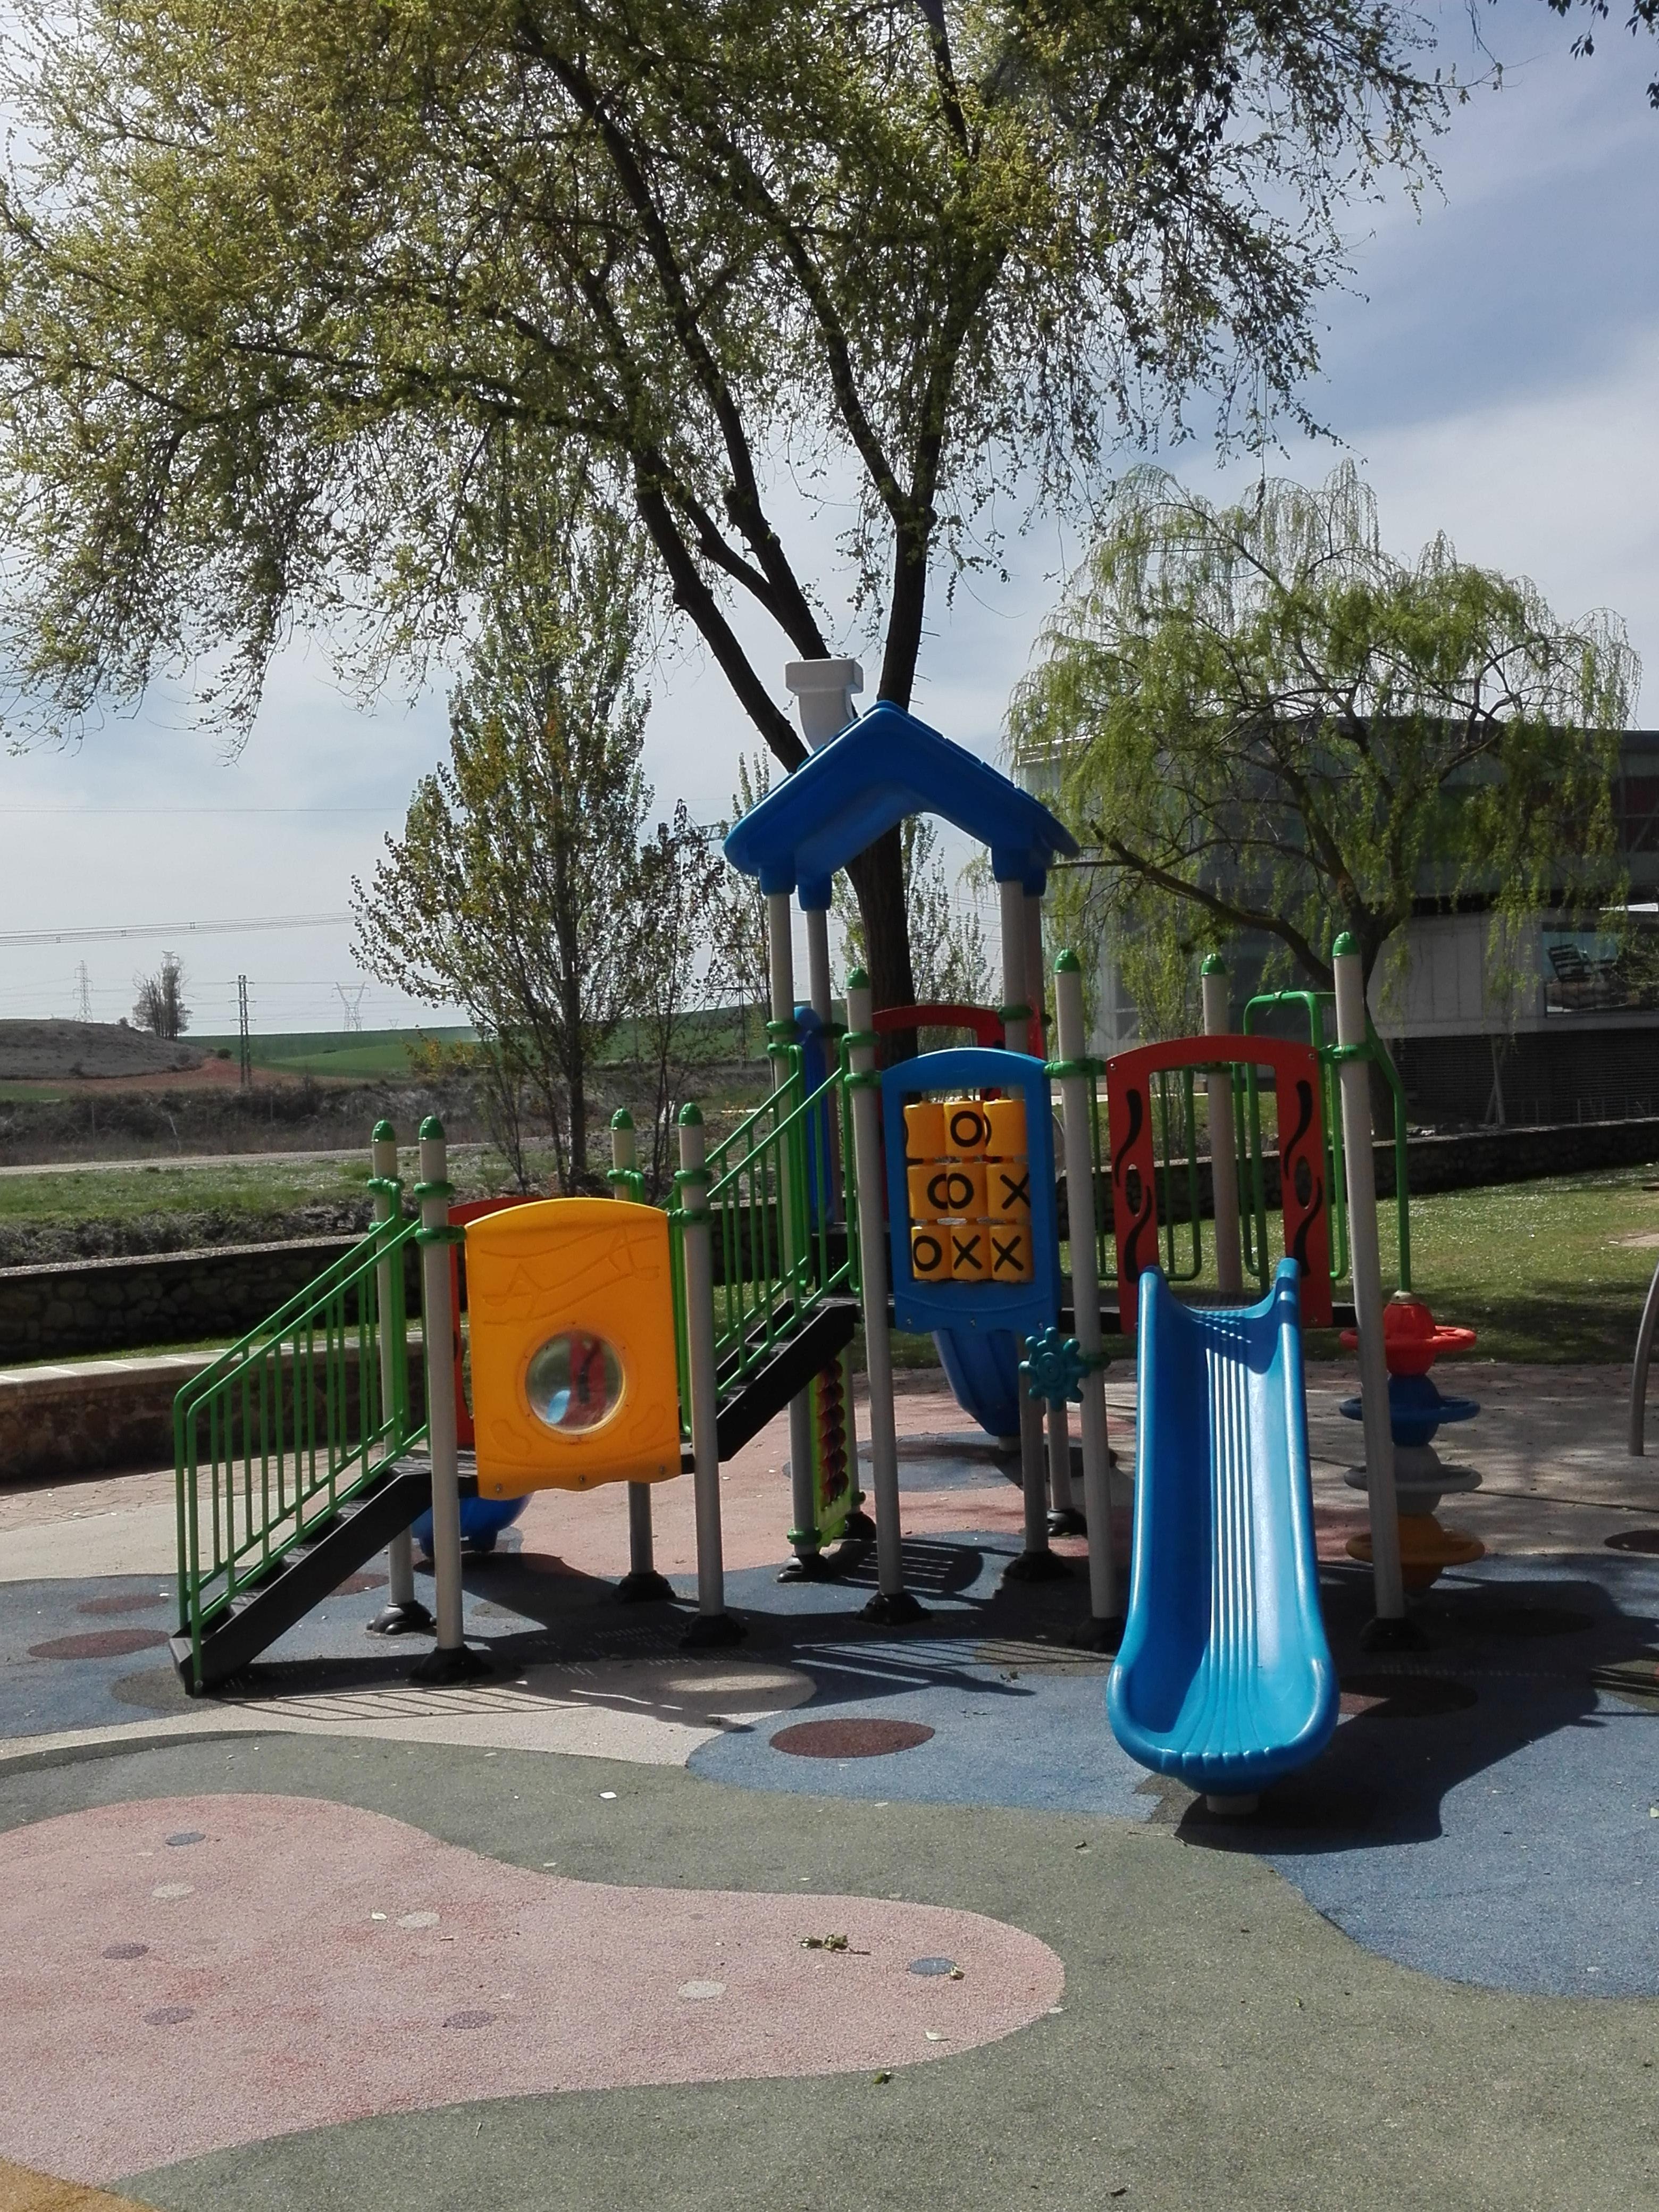 Parque infantil. Tobogán.